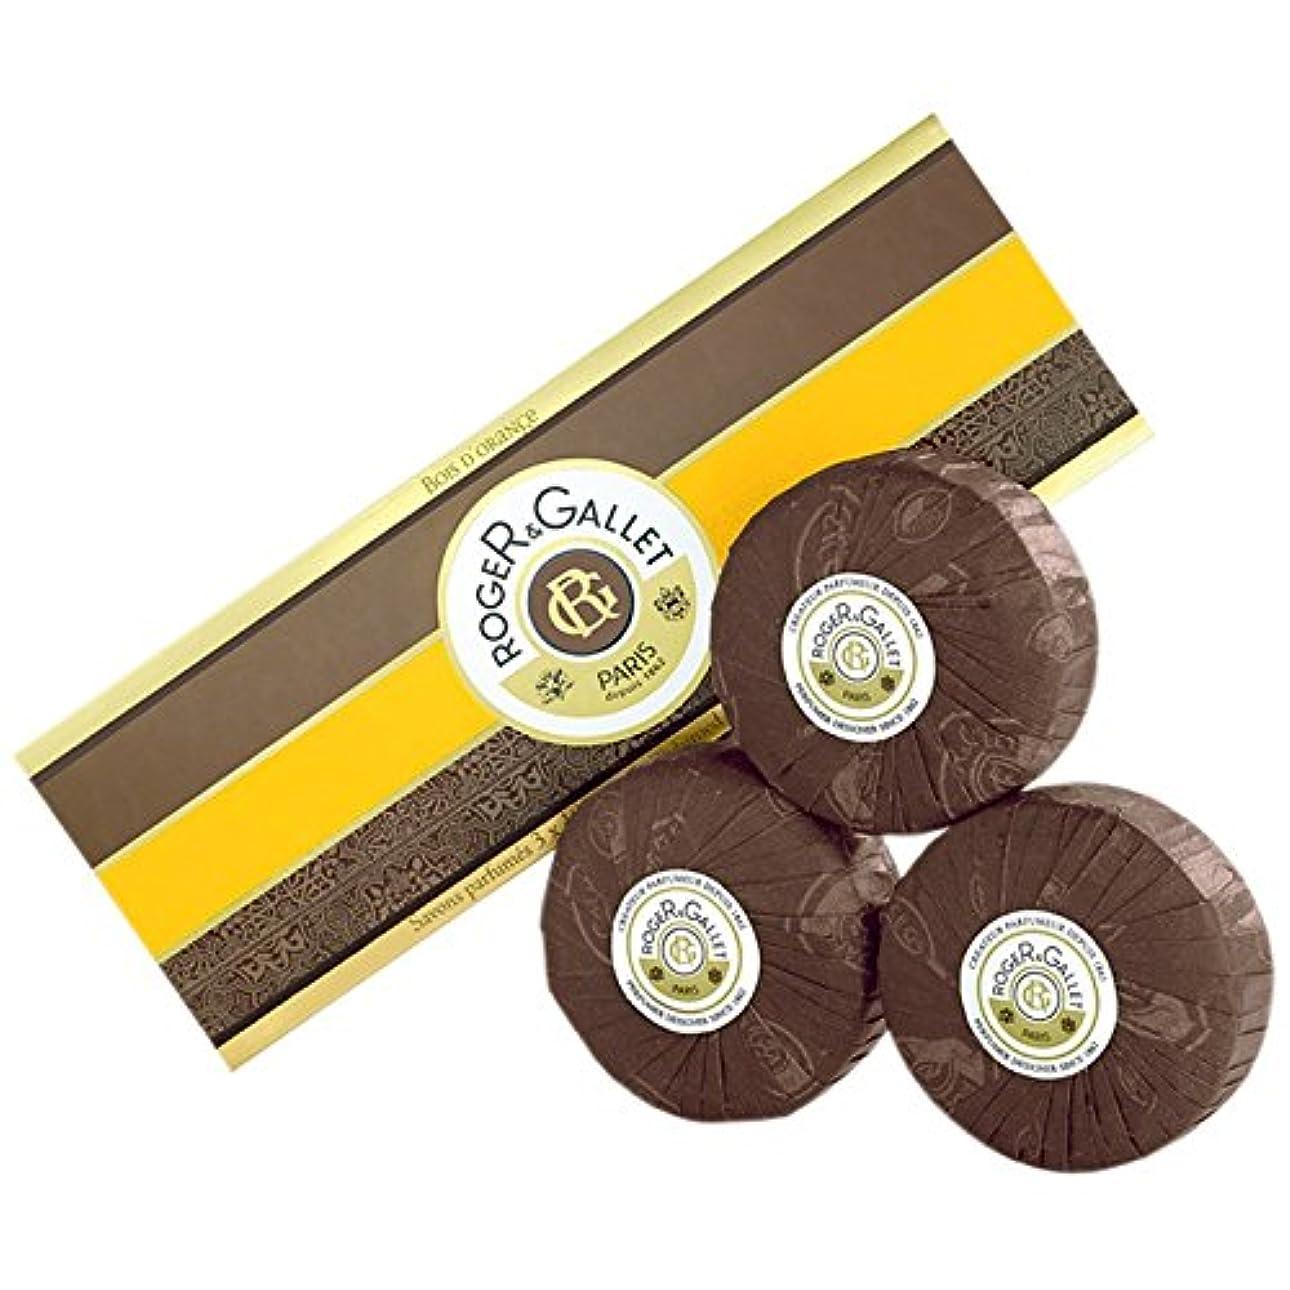 過敏なカポックプレミアロジャー&GalletのBoisのドールオレンジソープ3つのX 100グラム (Roger & Gallet) (x2) - Roger & Gallet Bois D'Orange Soap 3 x 100g (Pack of 2) [並行輸入品]